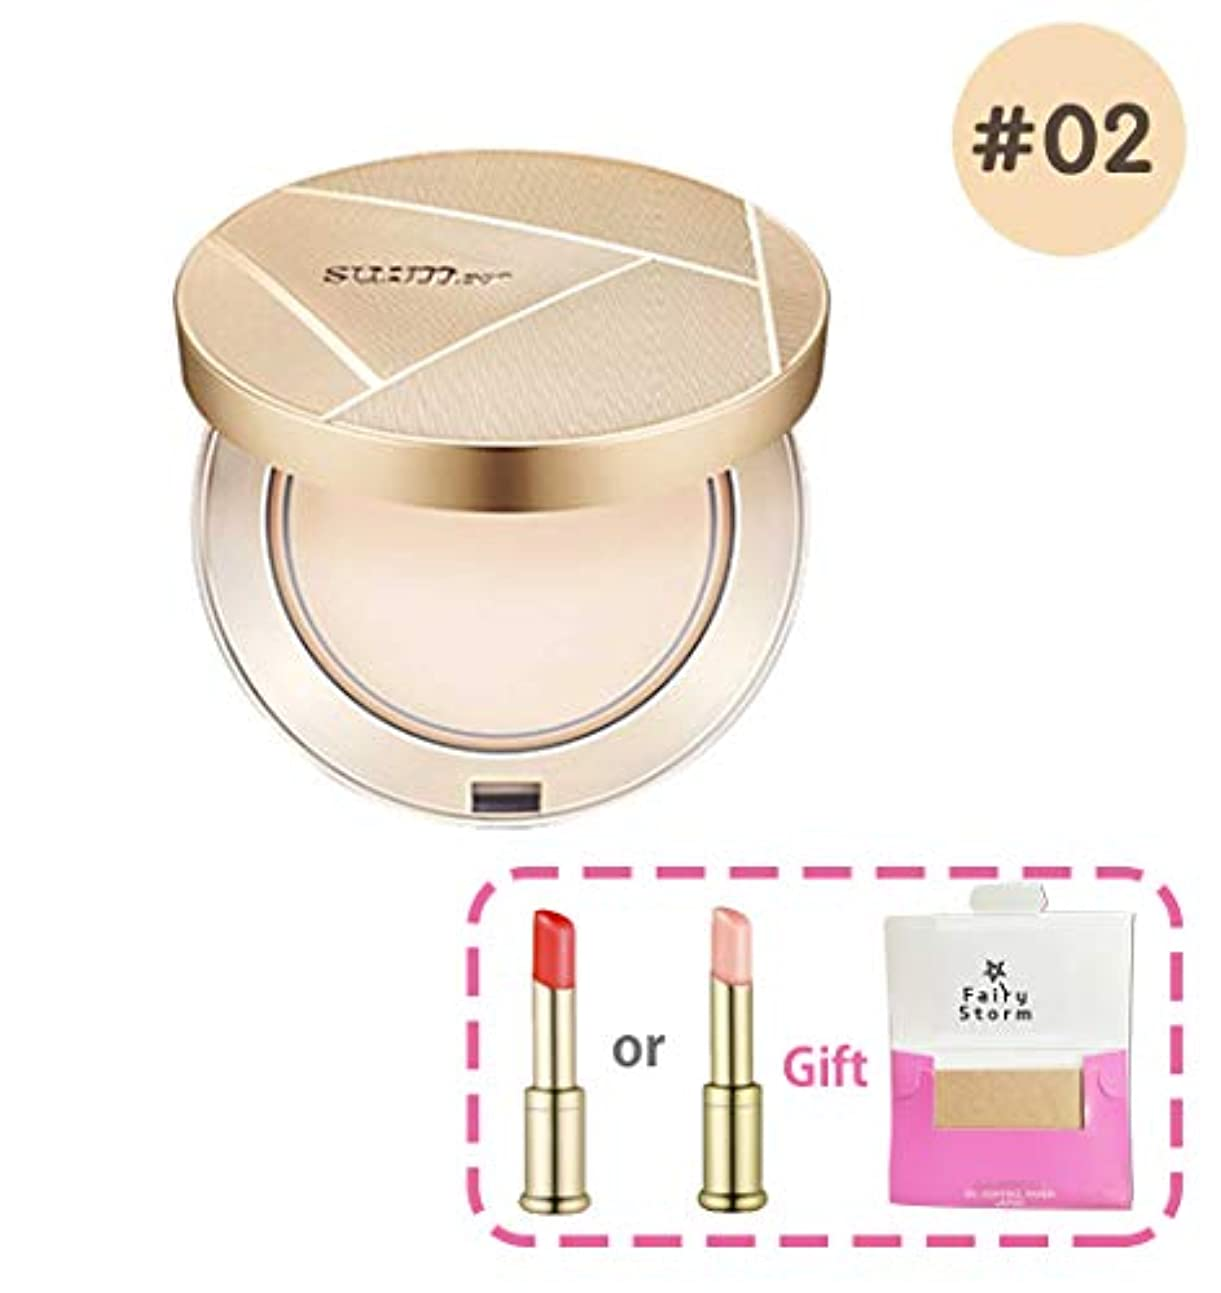 蜜段階フォーマット[su:m37/スム37°] sum37 Air risingTF Radiance Powder Pact SPF30/PA++/エアライジングTFラディアンスパウダーファクト 2号 +[Sample Gift](海外直送品)